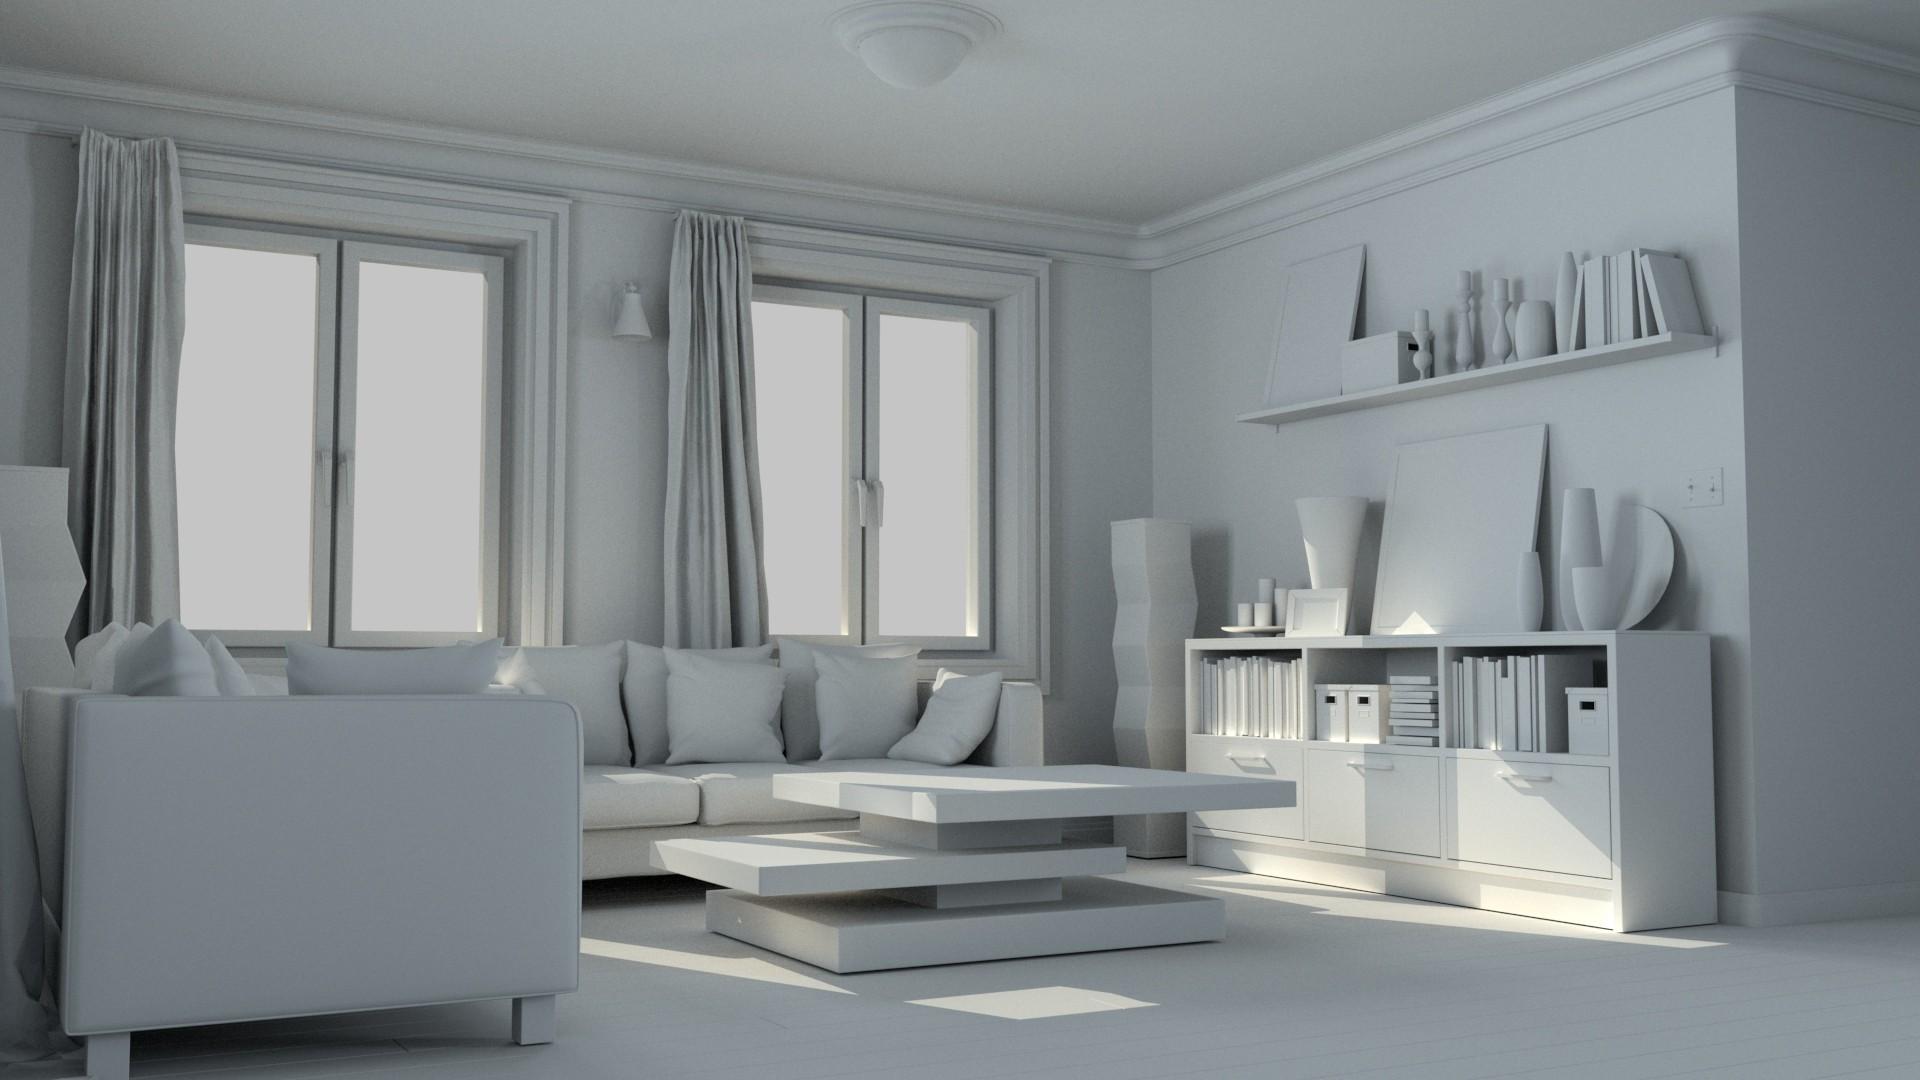 Richard christensen interior day night arnold render for Cinema 4d architektur